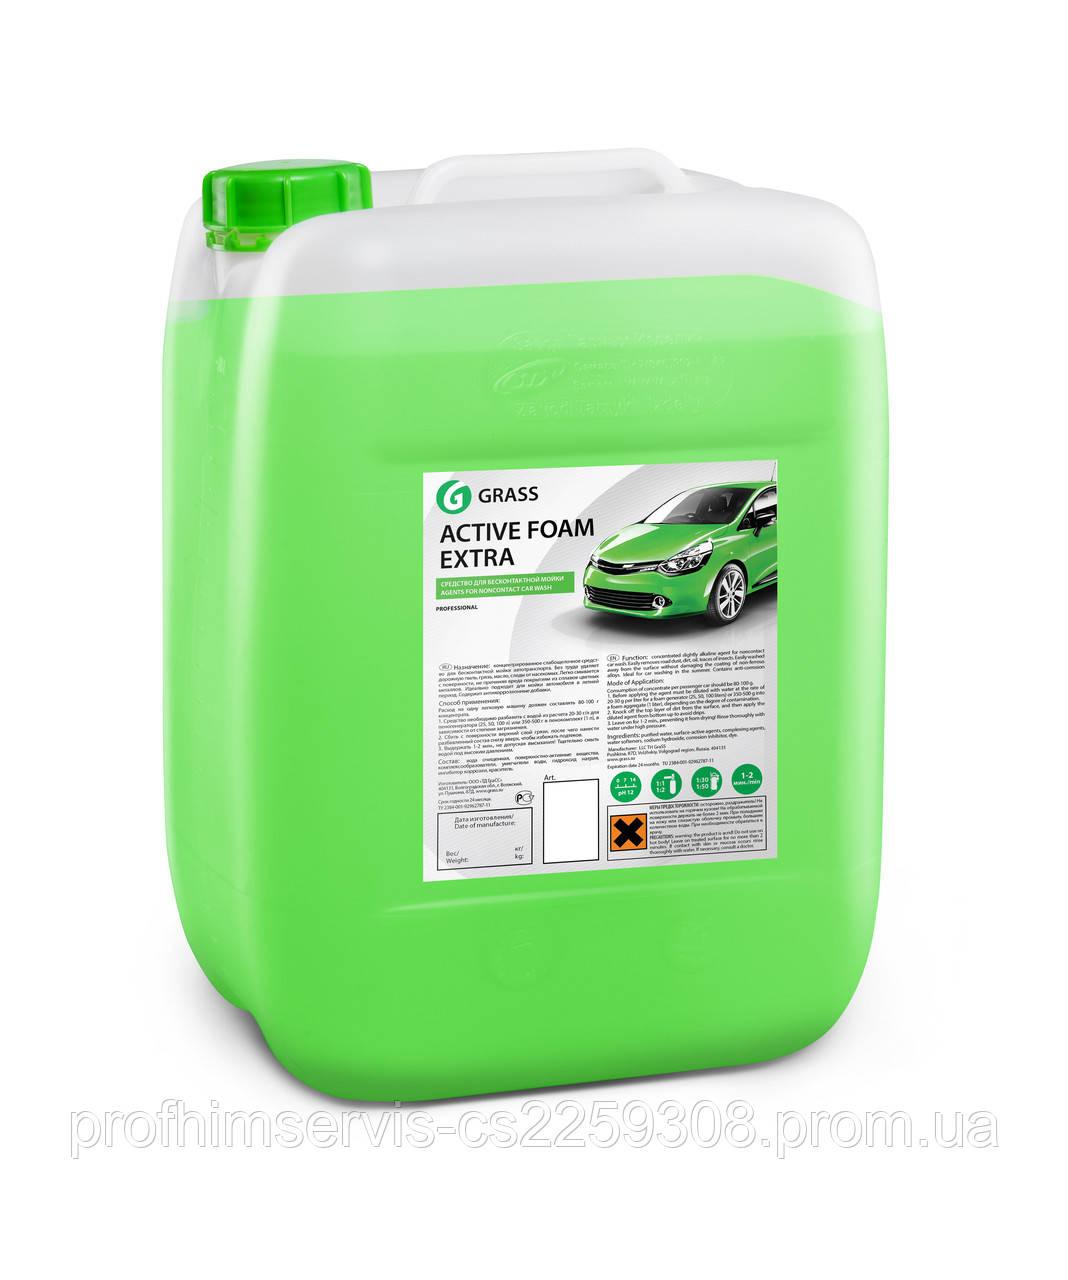 Grass Бесконтактный автошампунь Active Foam Extra 21kg.